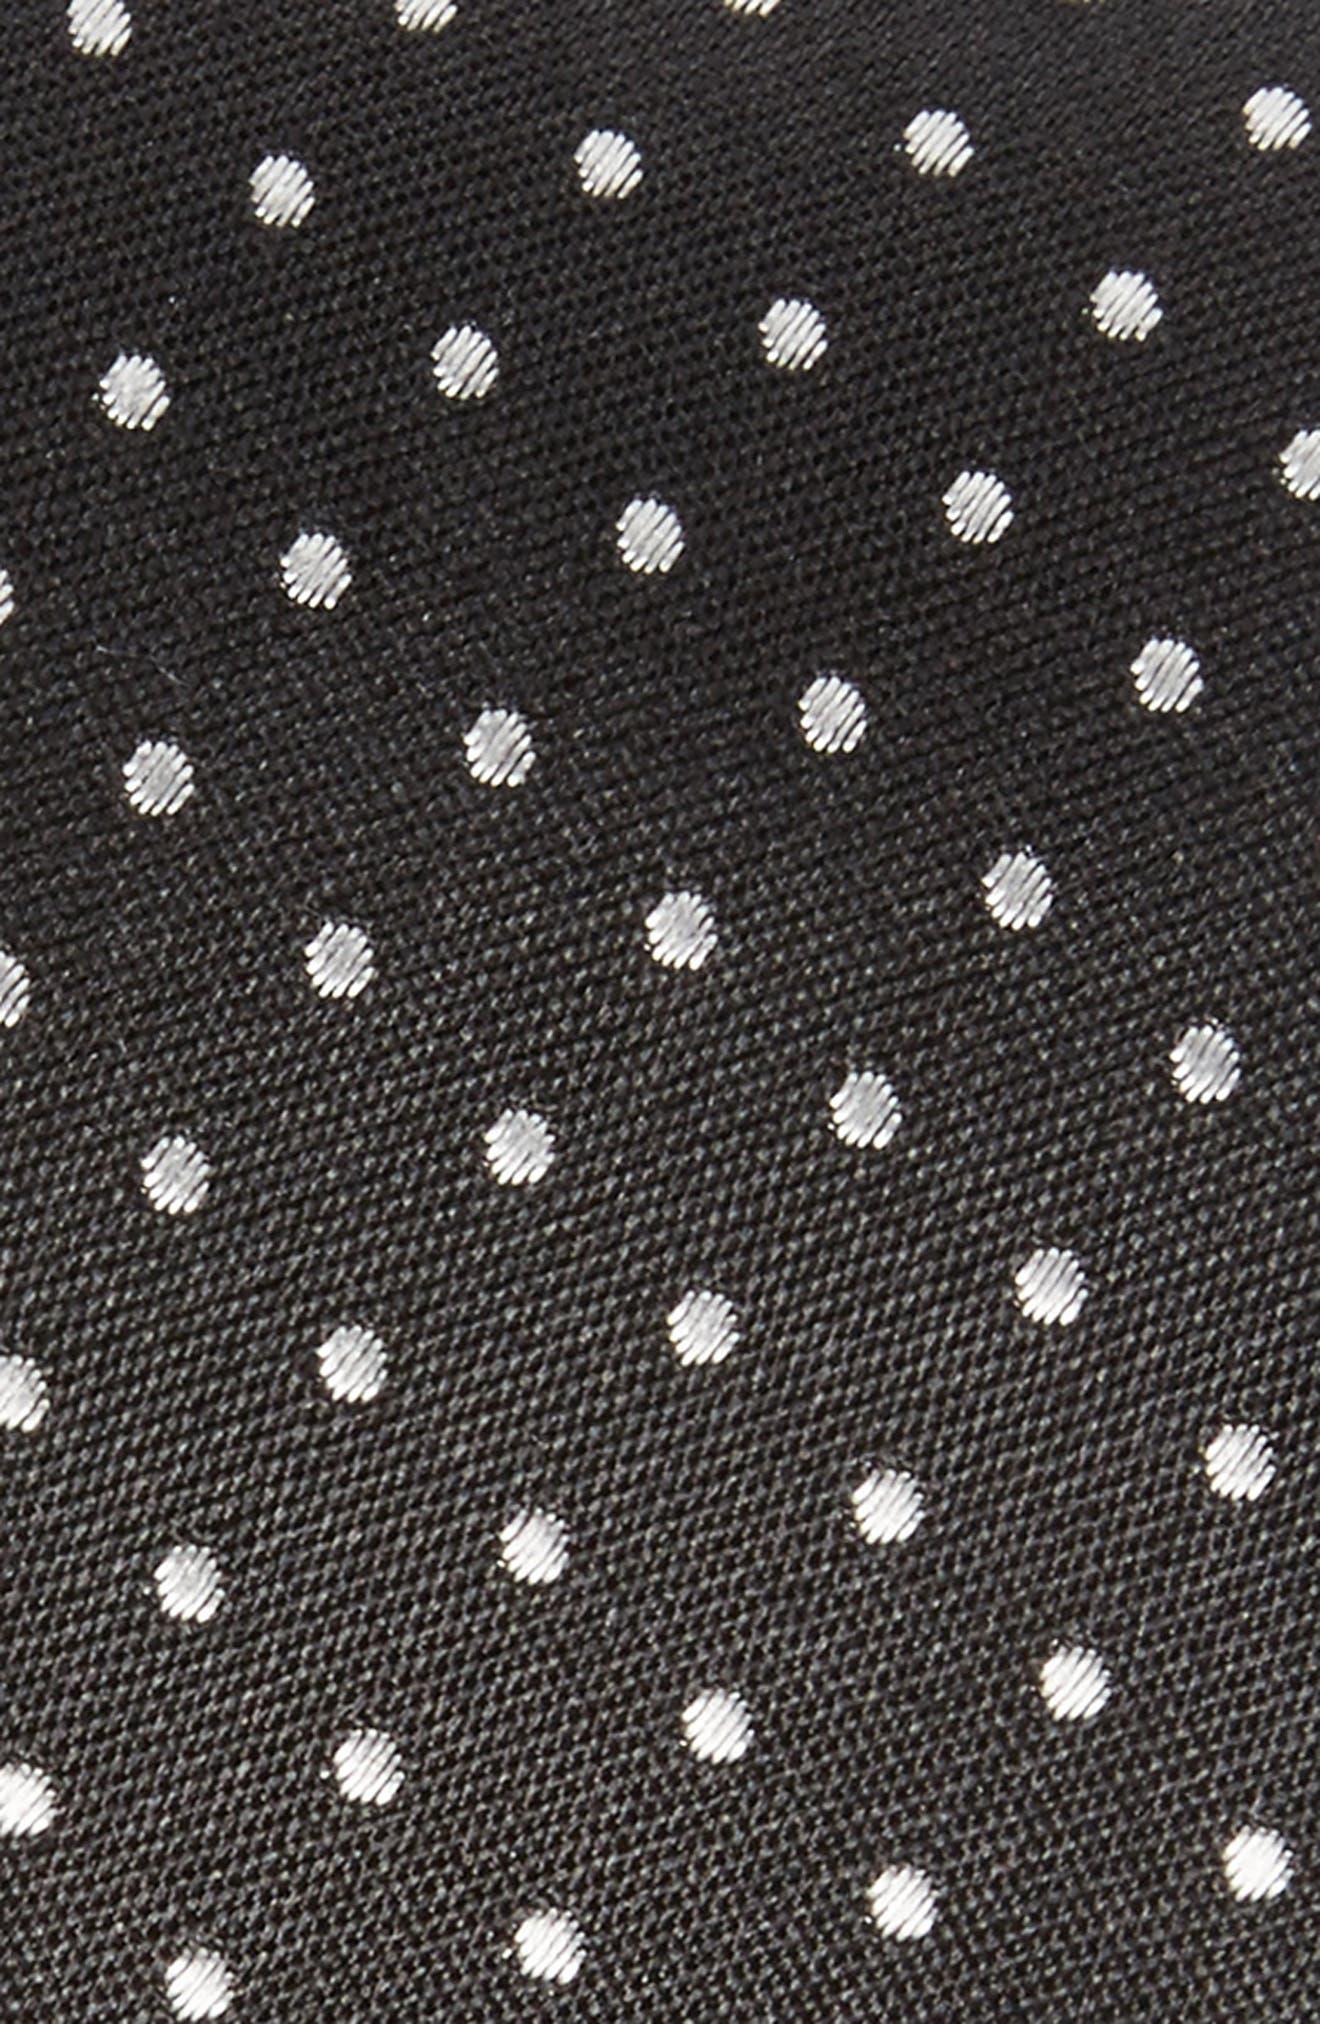 Dot Skinny Silk Tie,                             Alternate thumbnail 2, color,